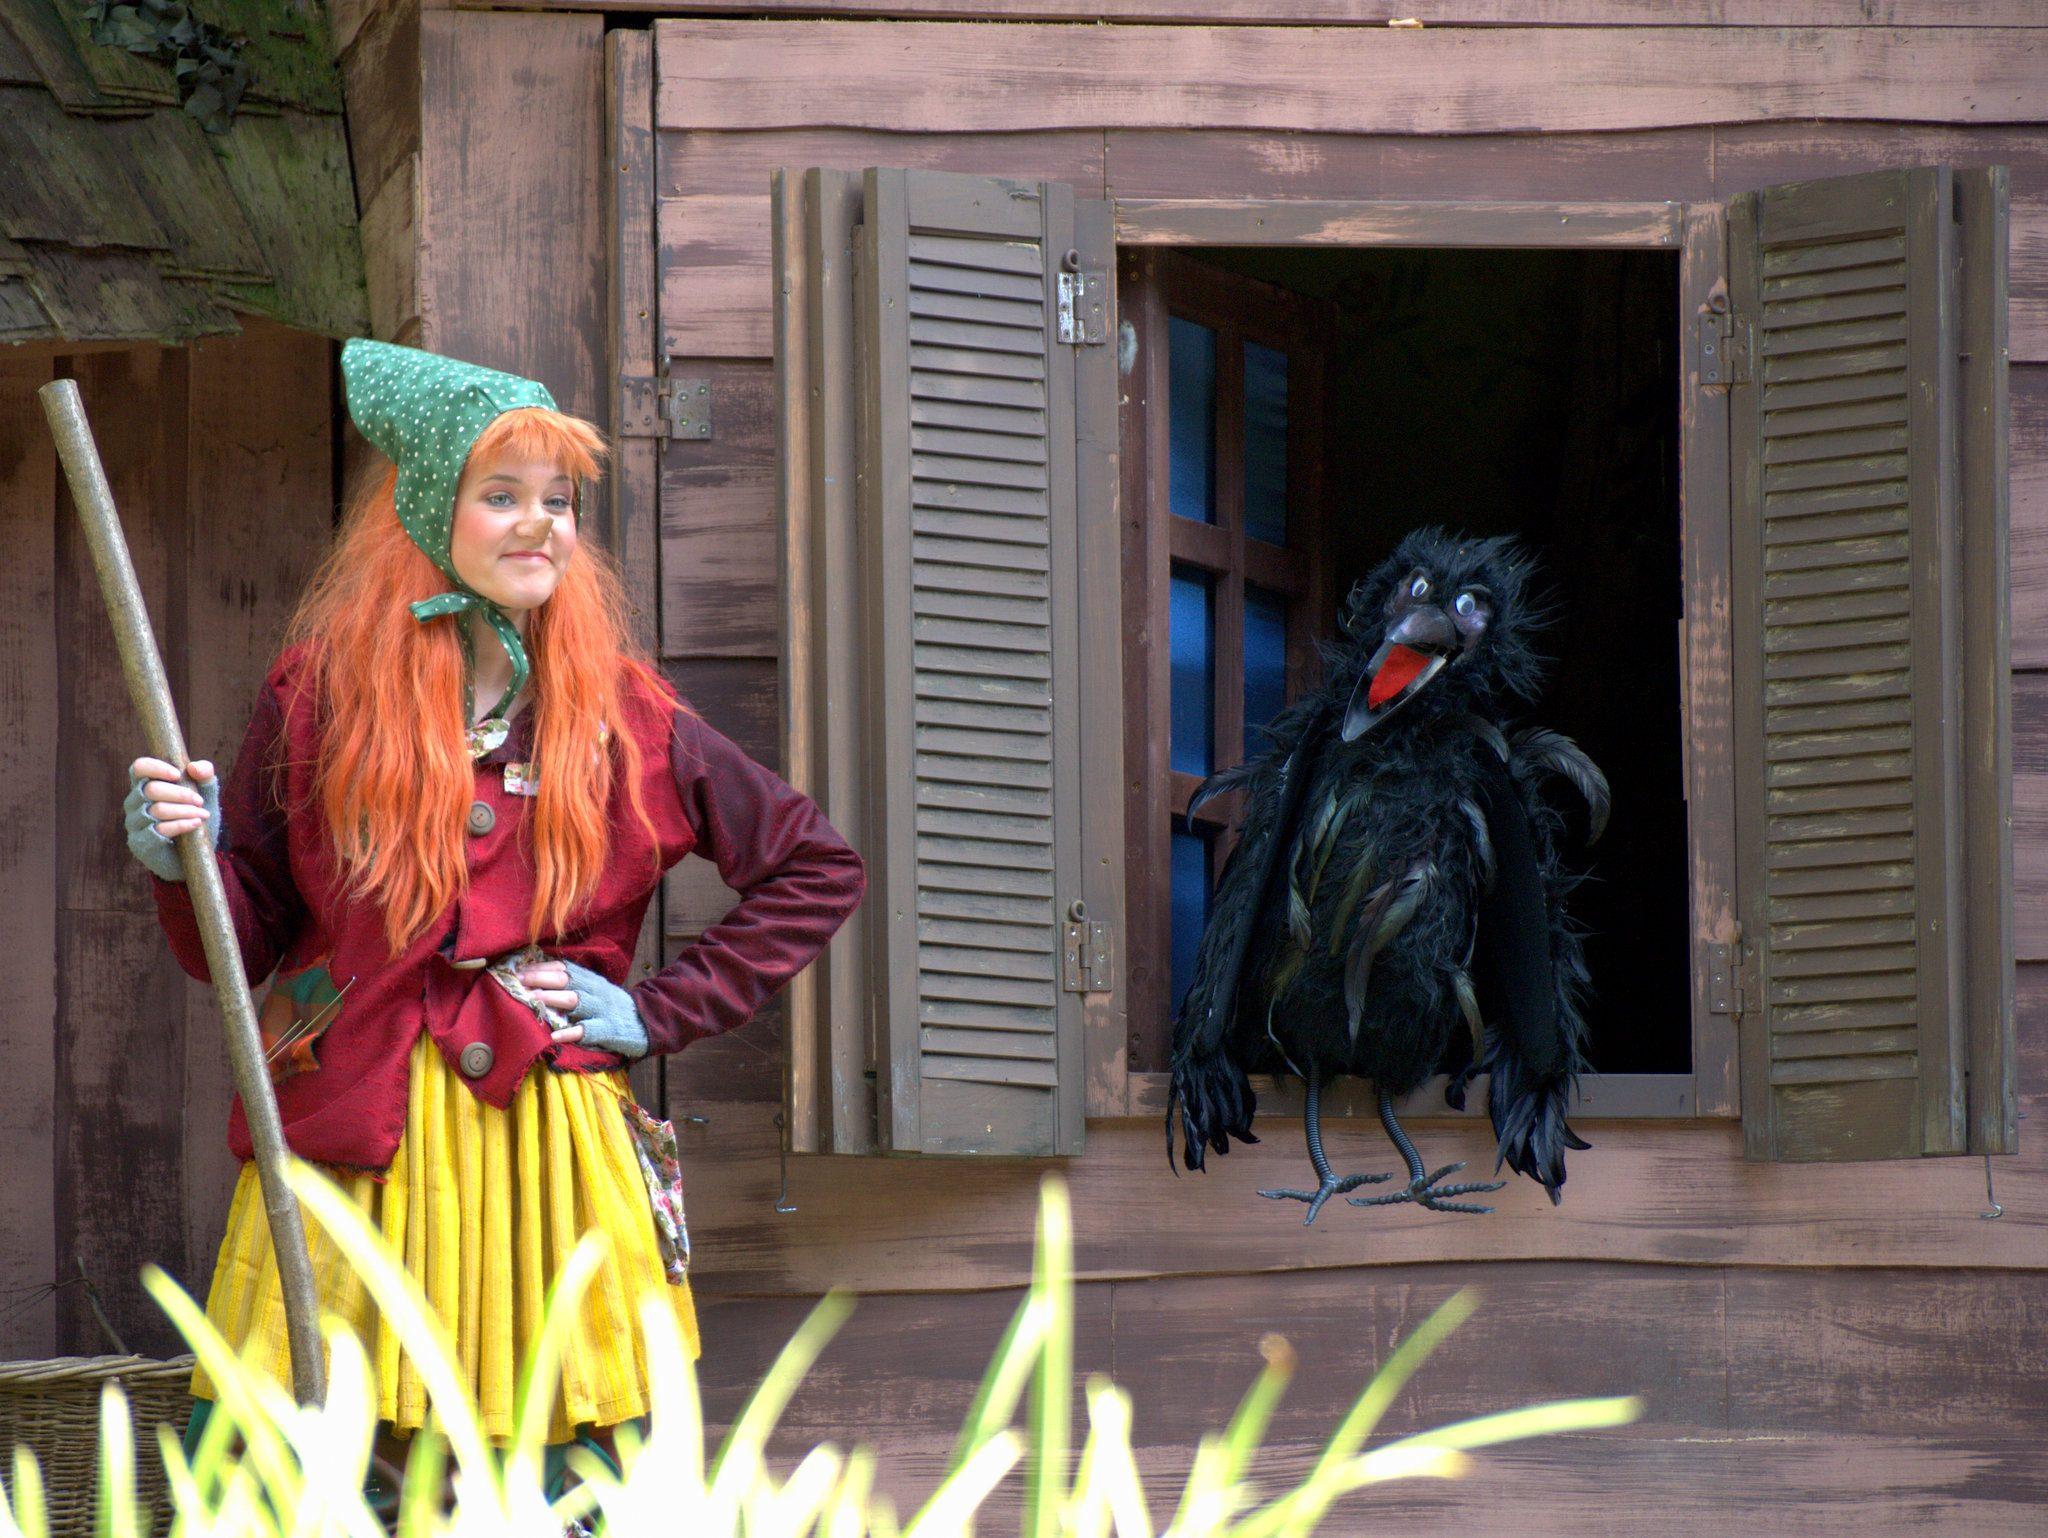 Die kleine Hexe mit ihrem Raben Abraxas.